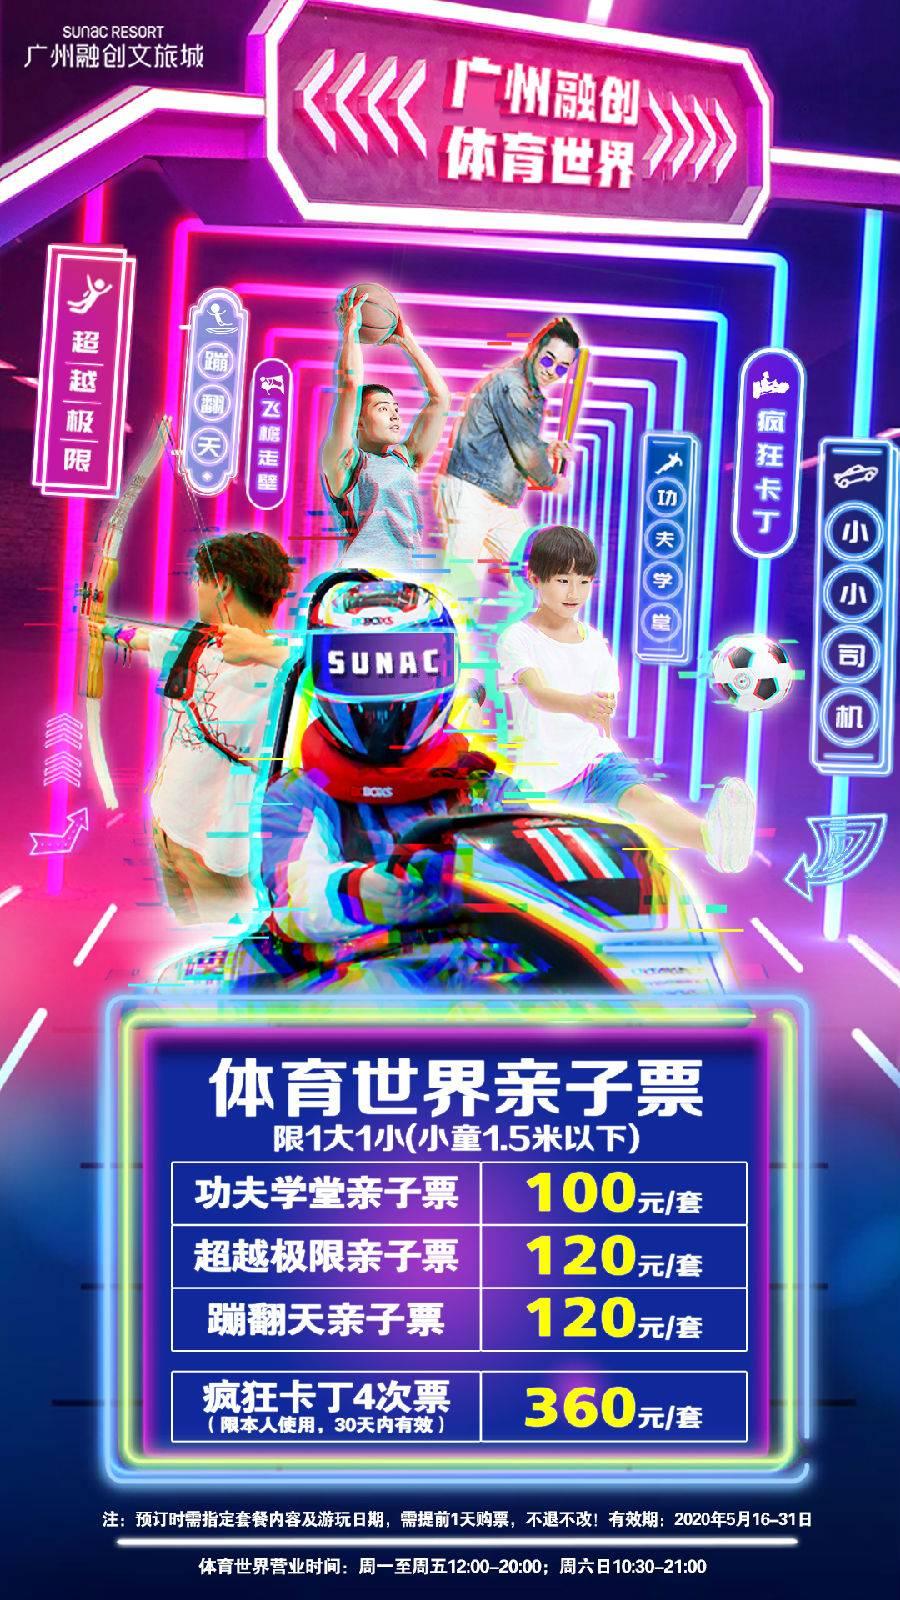 广州融创体育世界疯狂卡丁车4次票(提前一天,指定日期预订,有效期至6月30日)